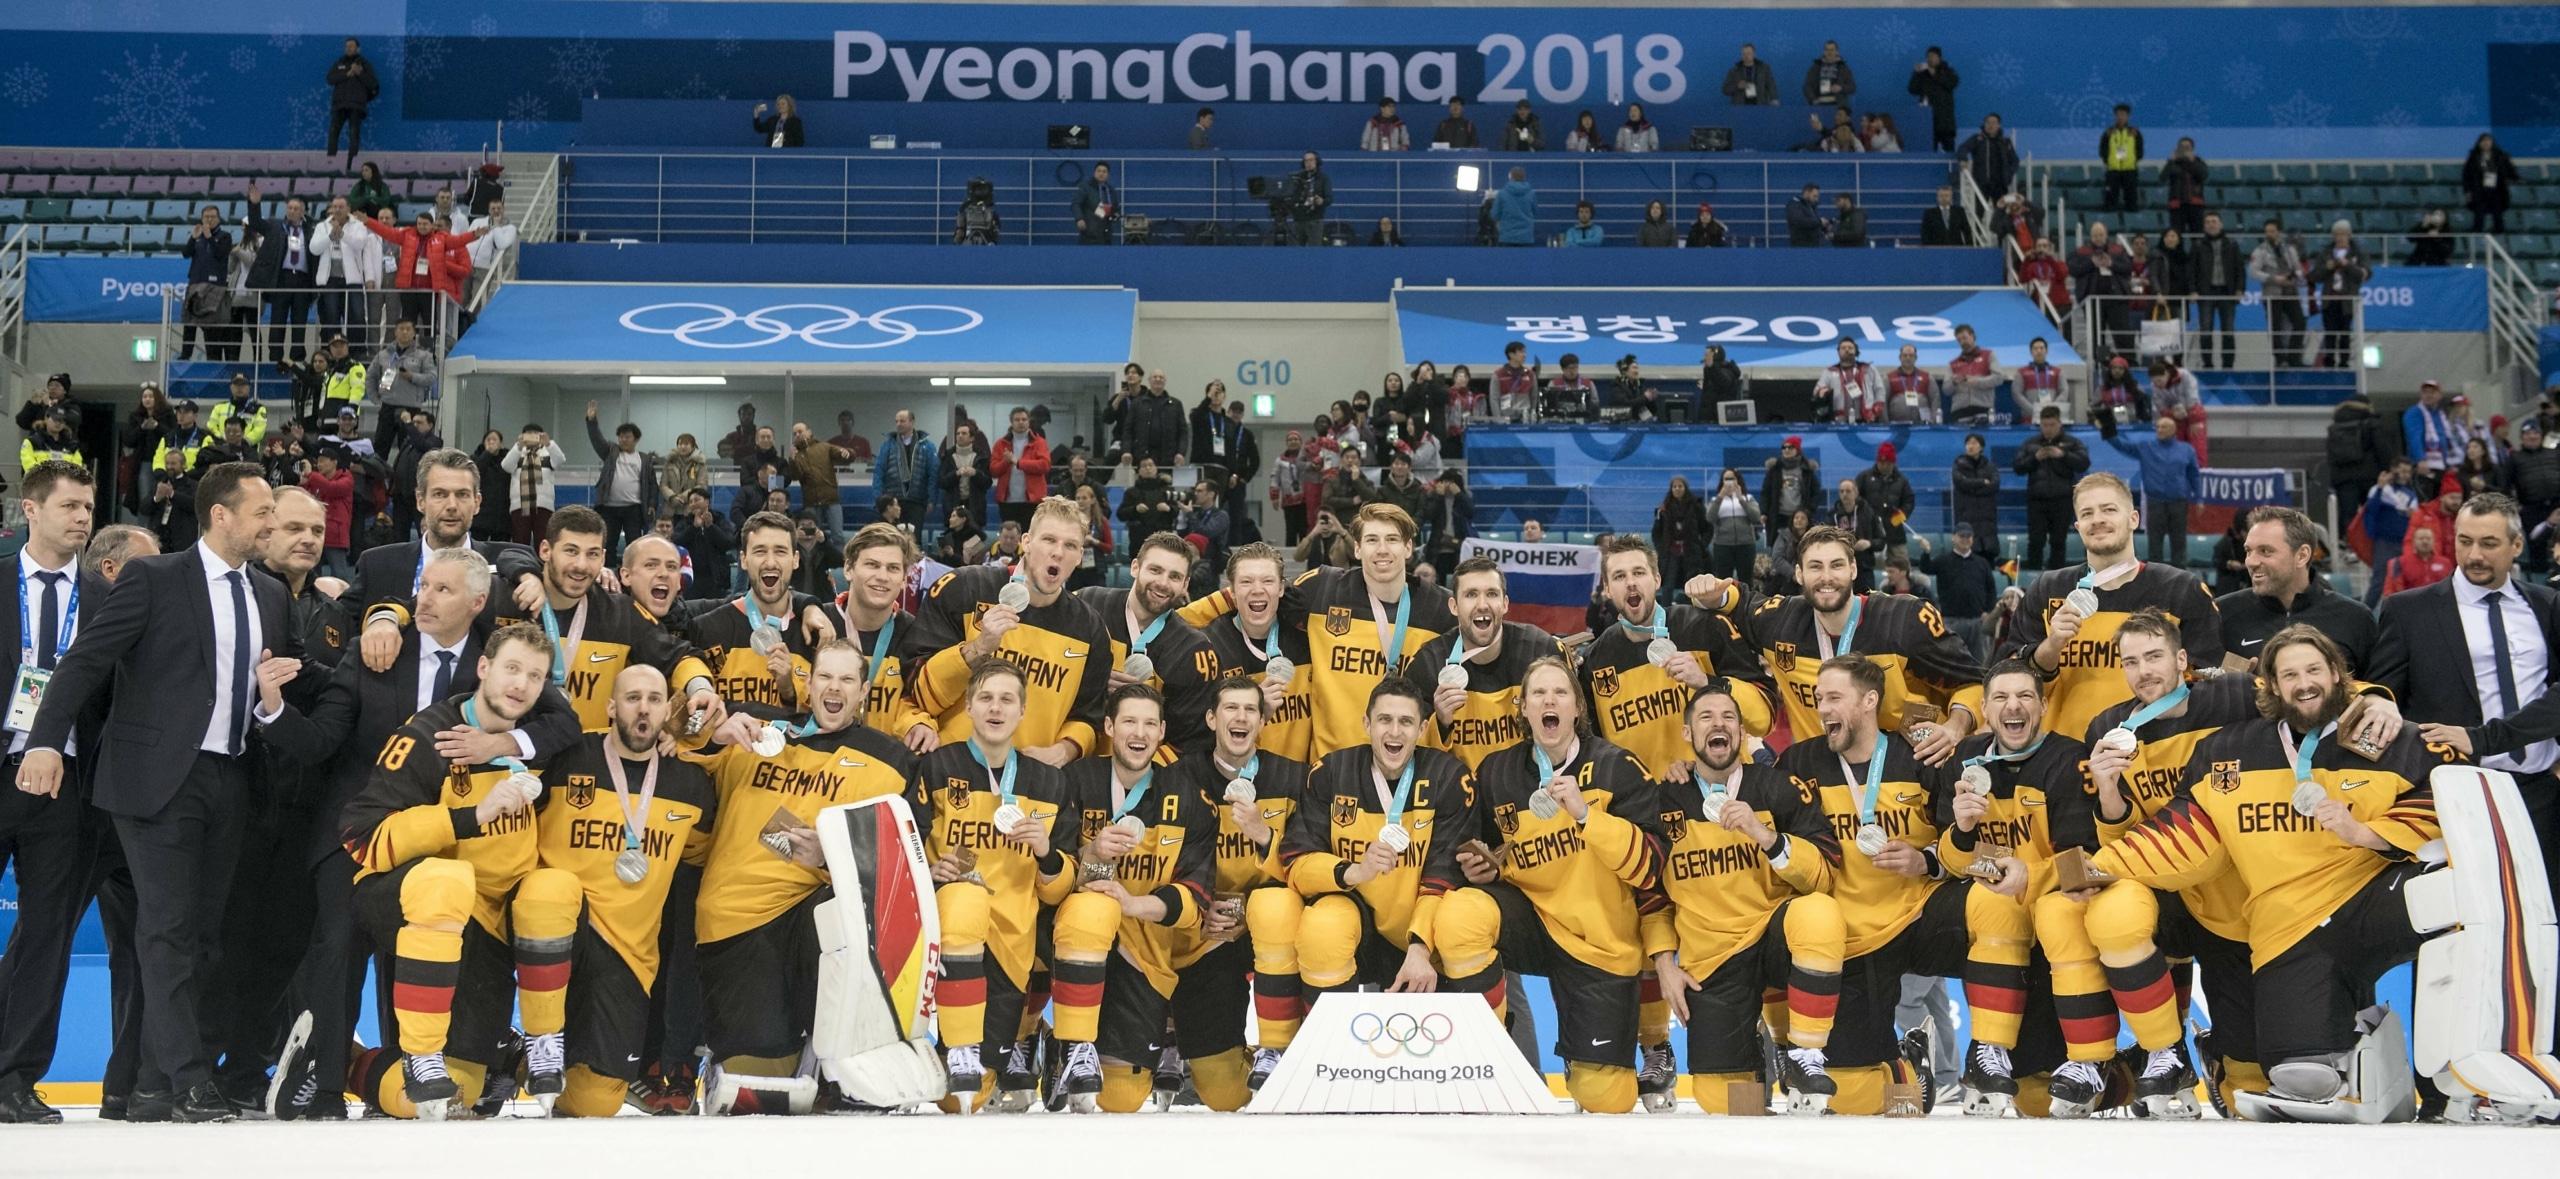 Jubel über Olympia-Silber beim Deutschen Team